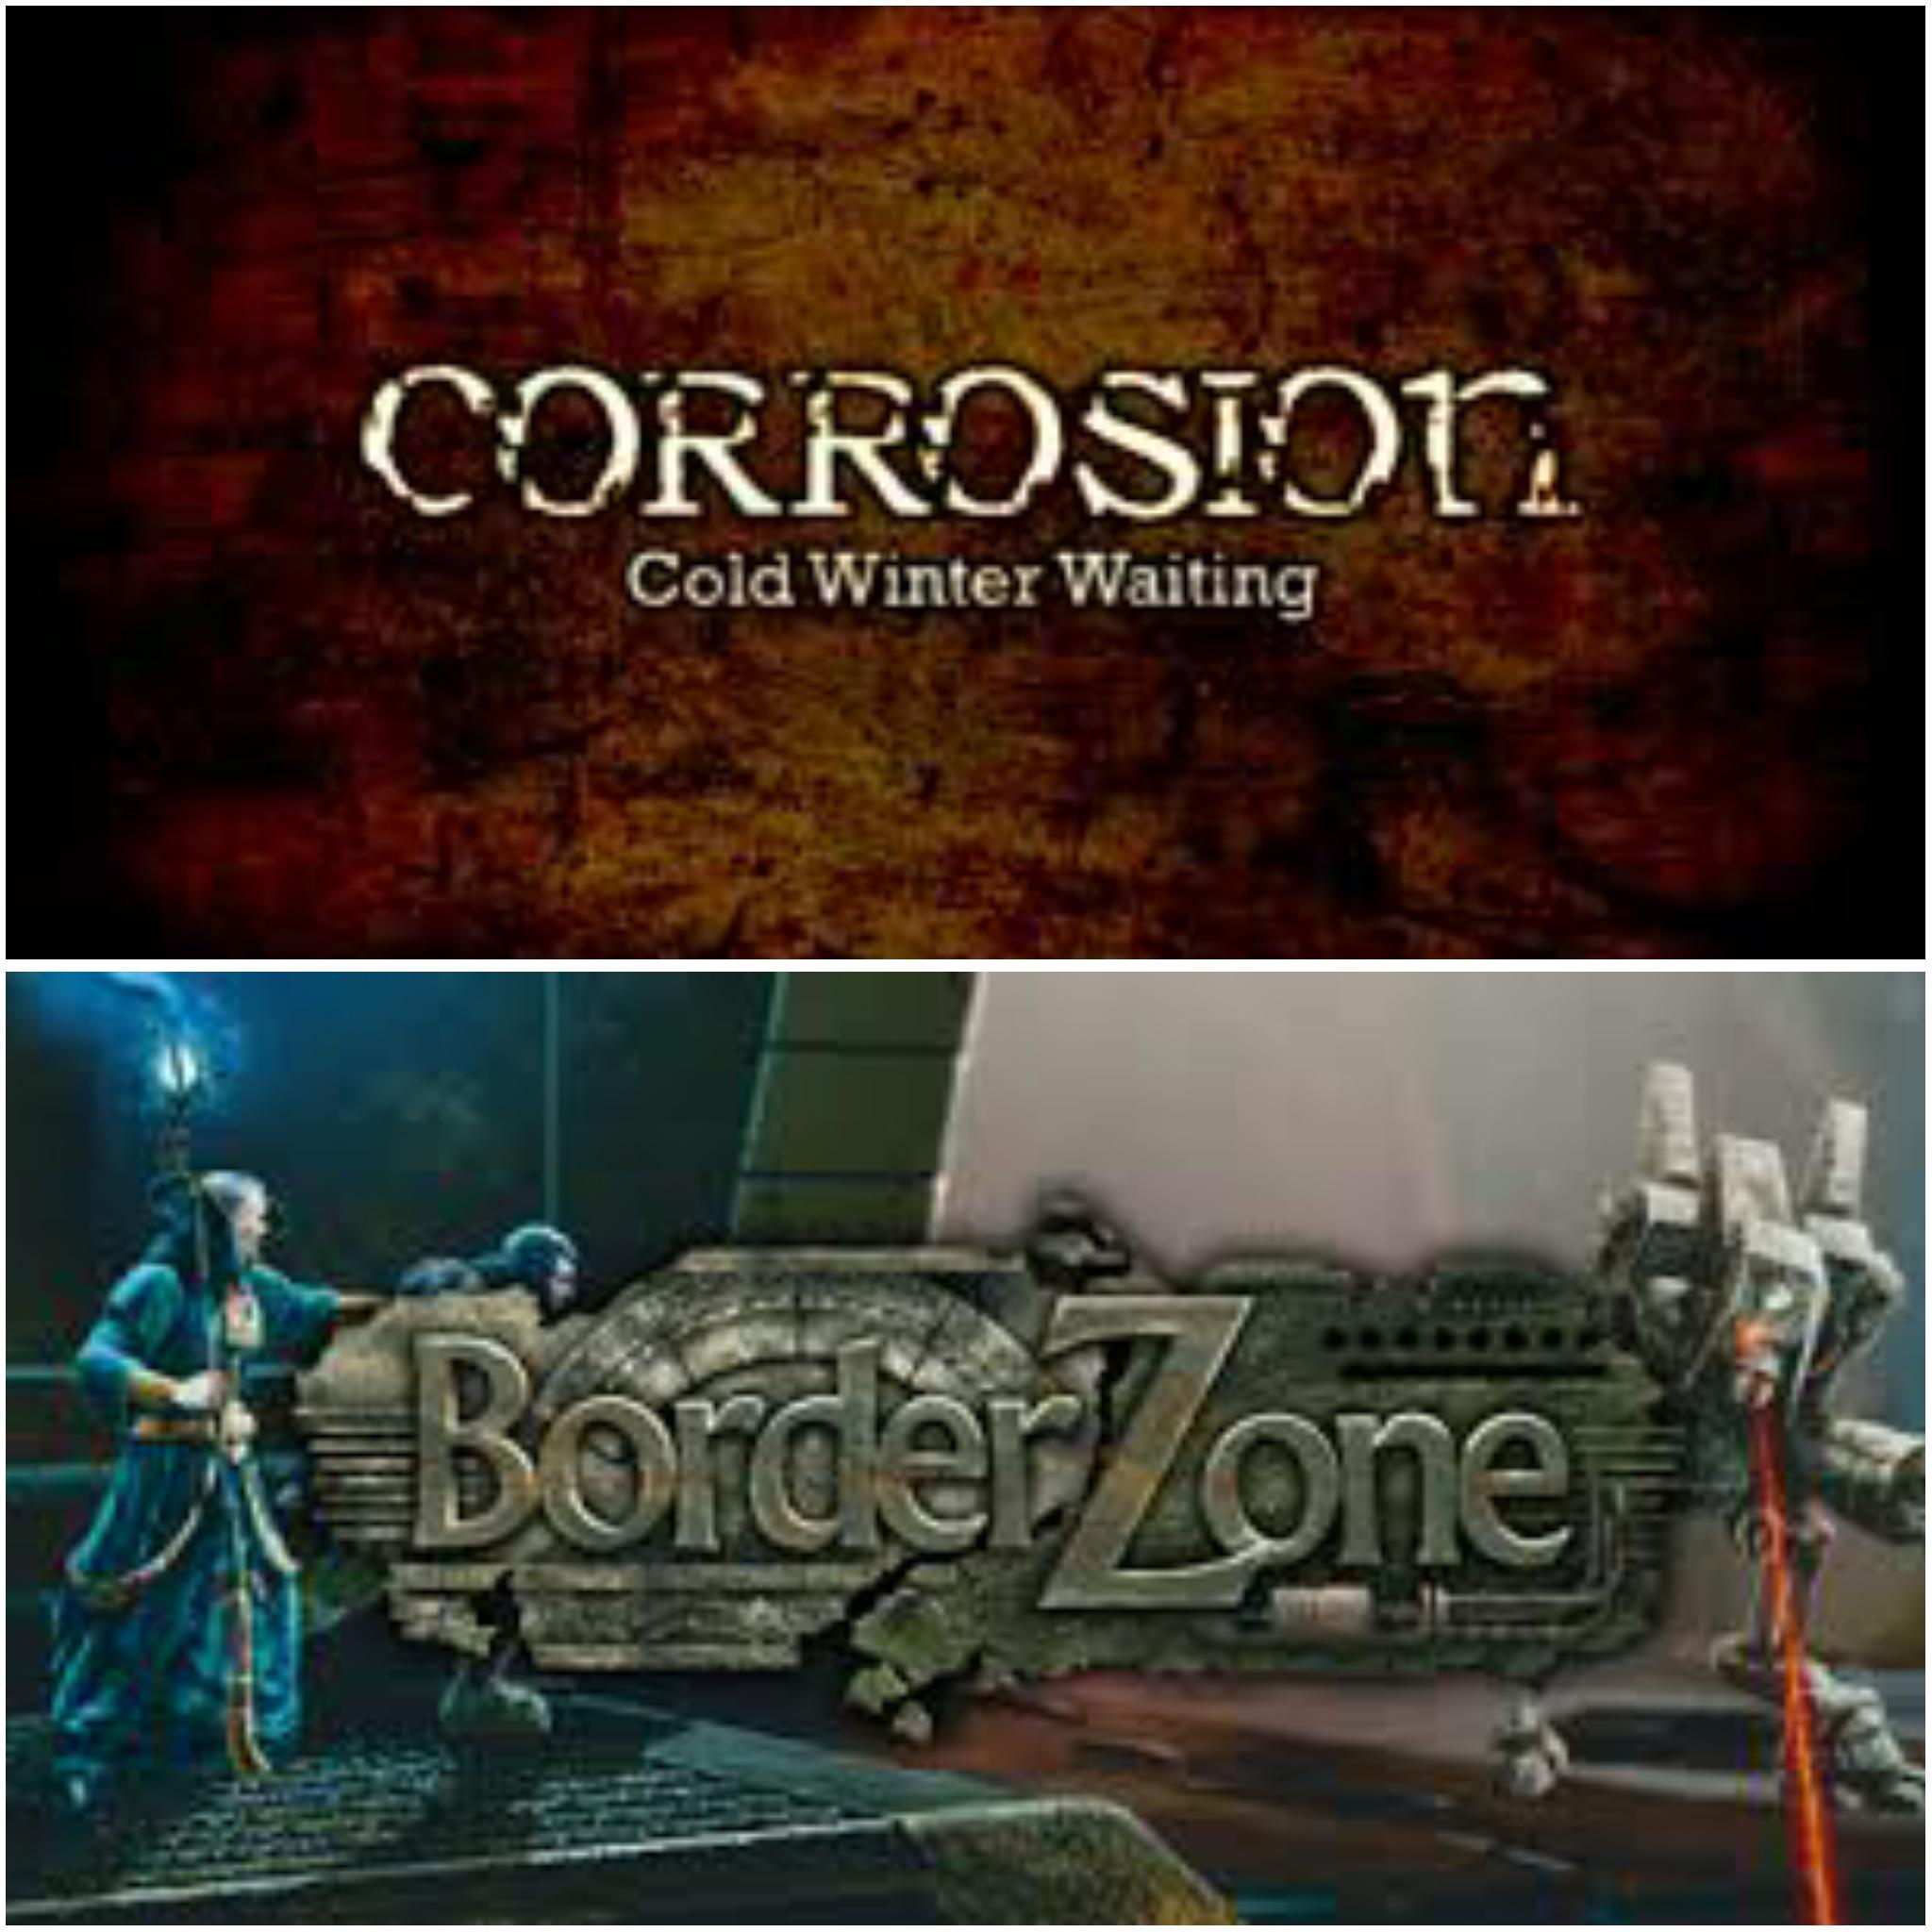 """Indiegala - Giochi PC Gratis - """"Corrosion: Cold Winter Waiting"""" e """"BorderZone"""""""